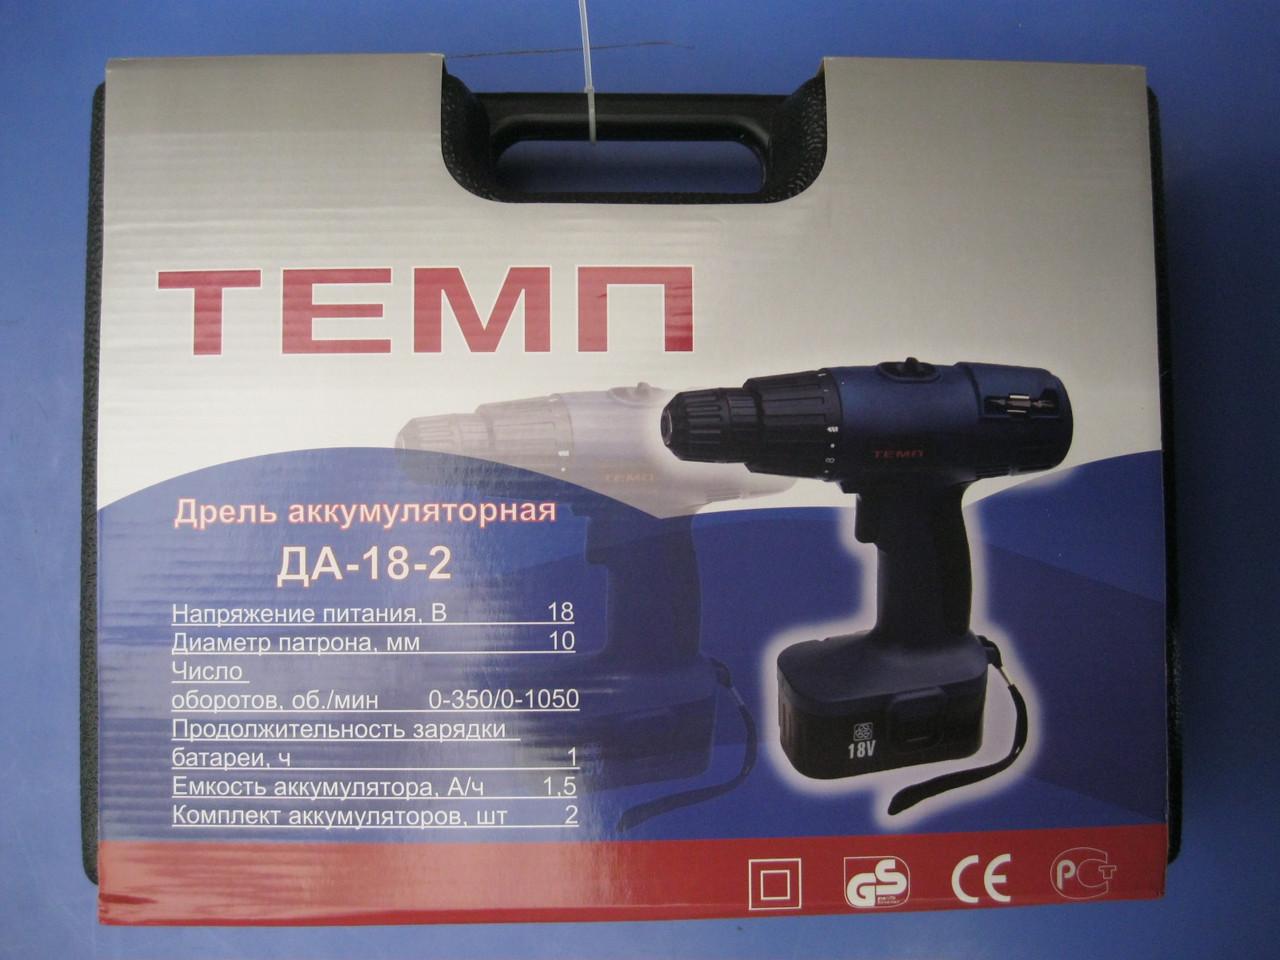 Шуруповерт Темп ДА-18-2